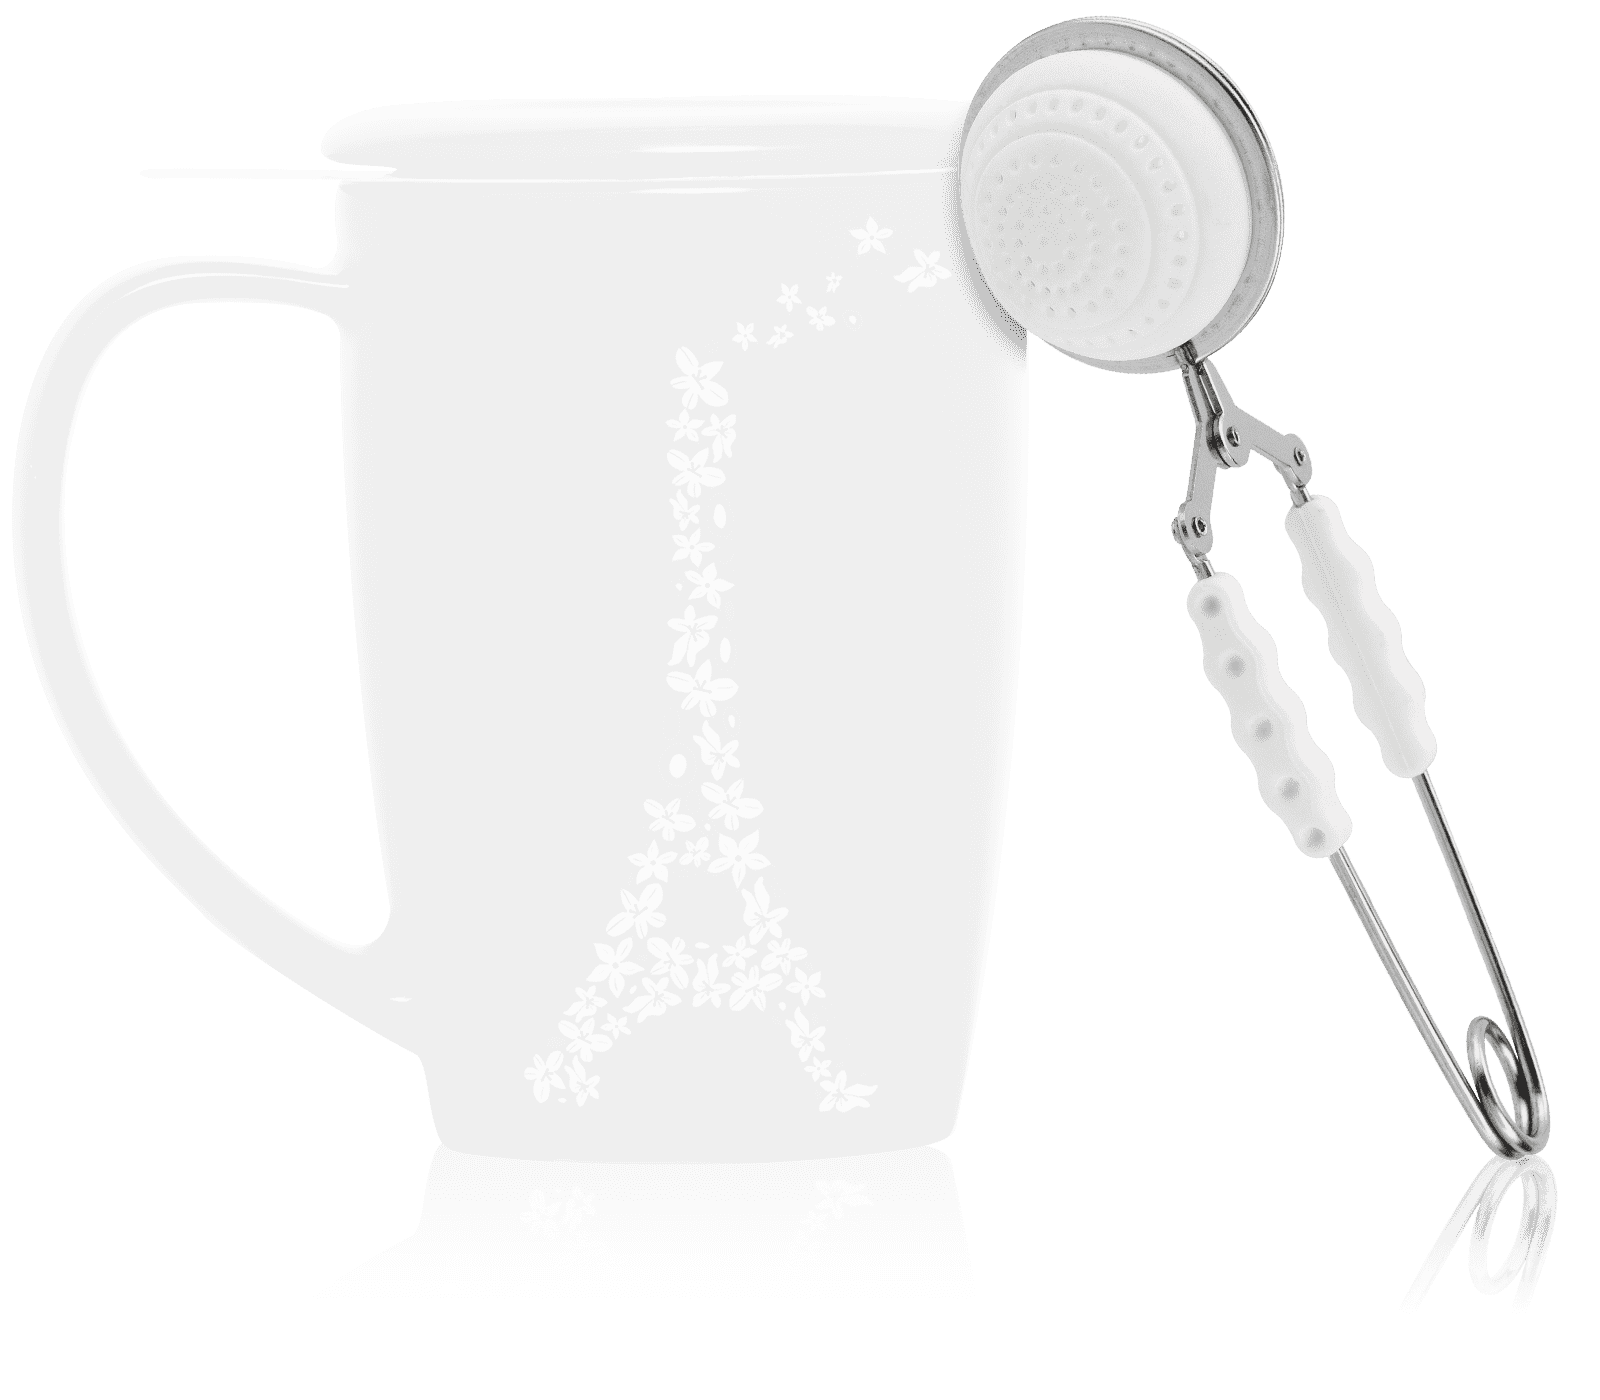 Pince à thé blanche - Accessoire pour le thé - Kusmi Tea